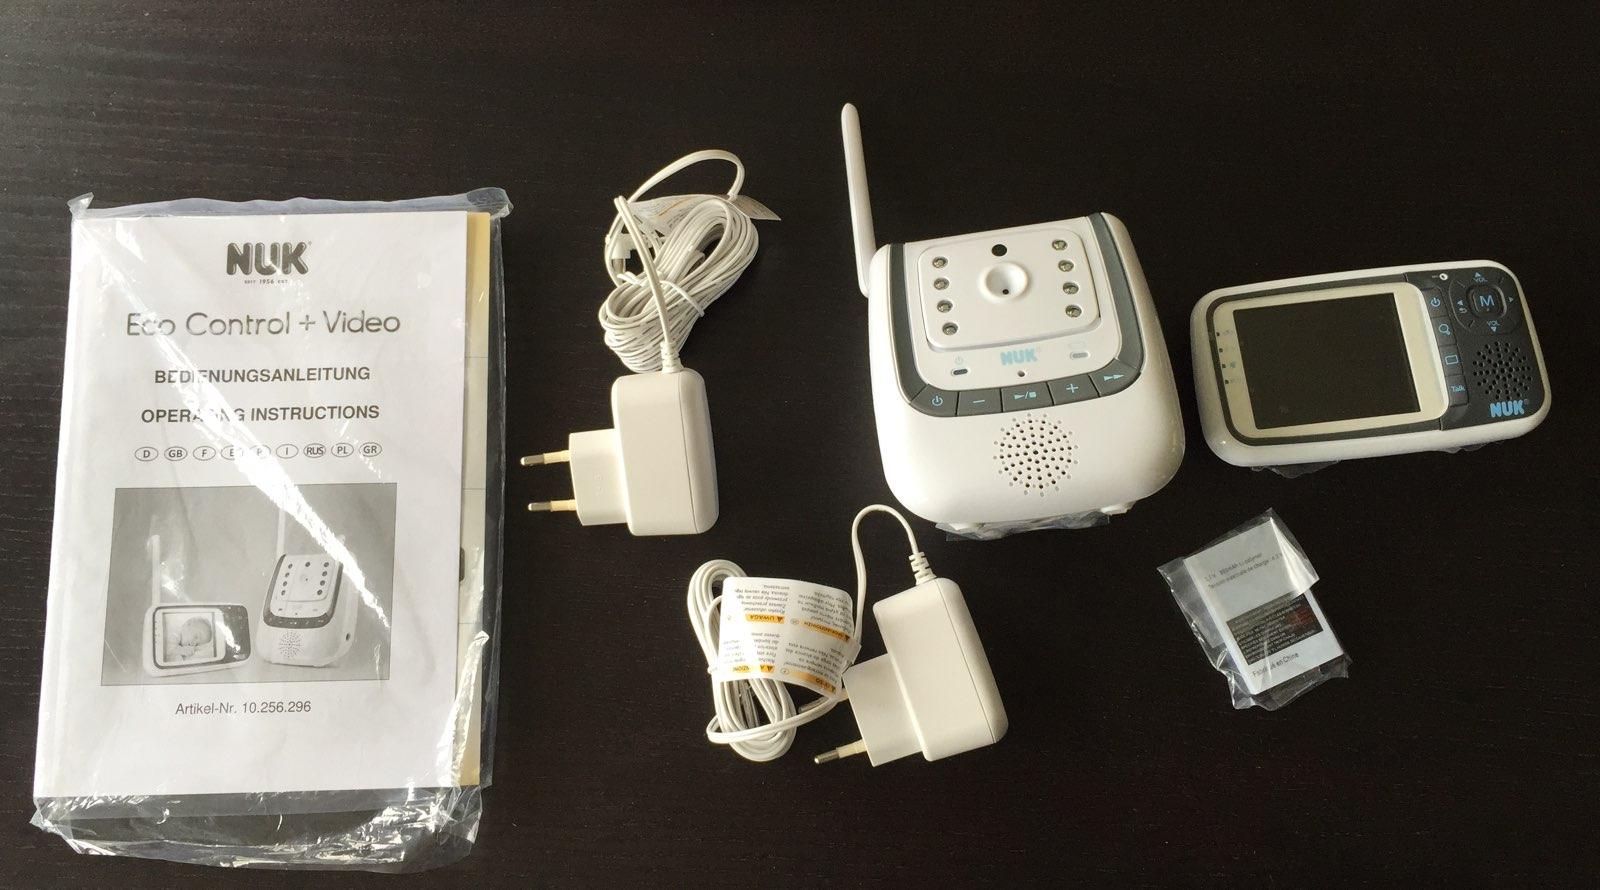 nuk eco control plus video babyphone